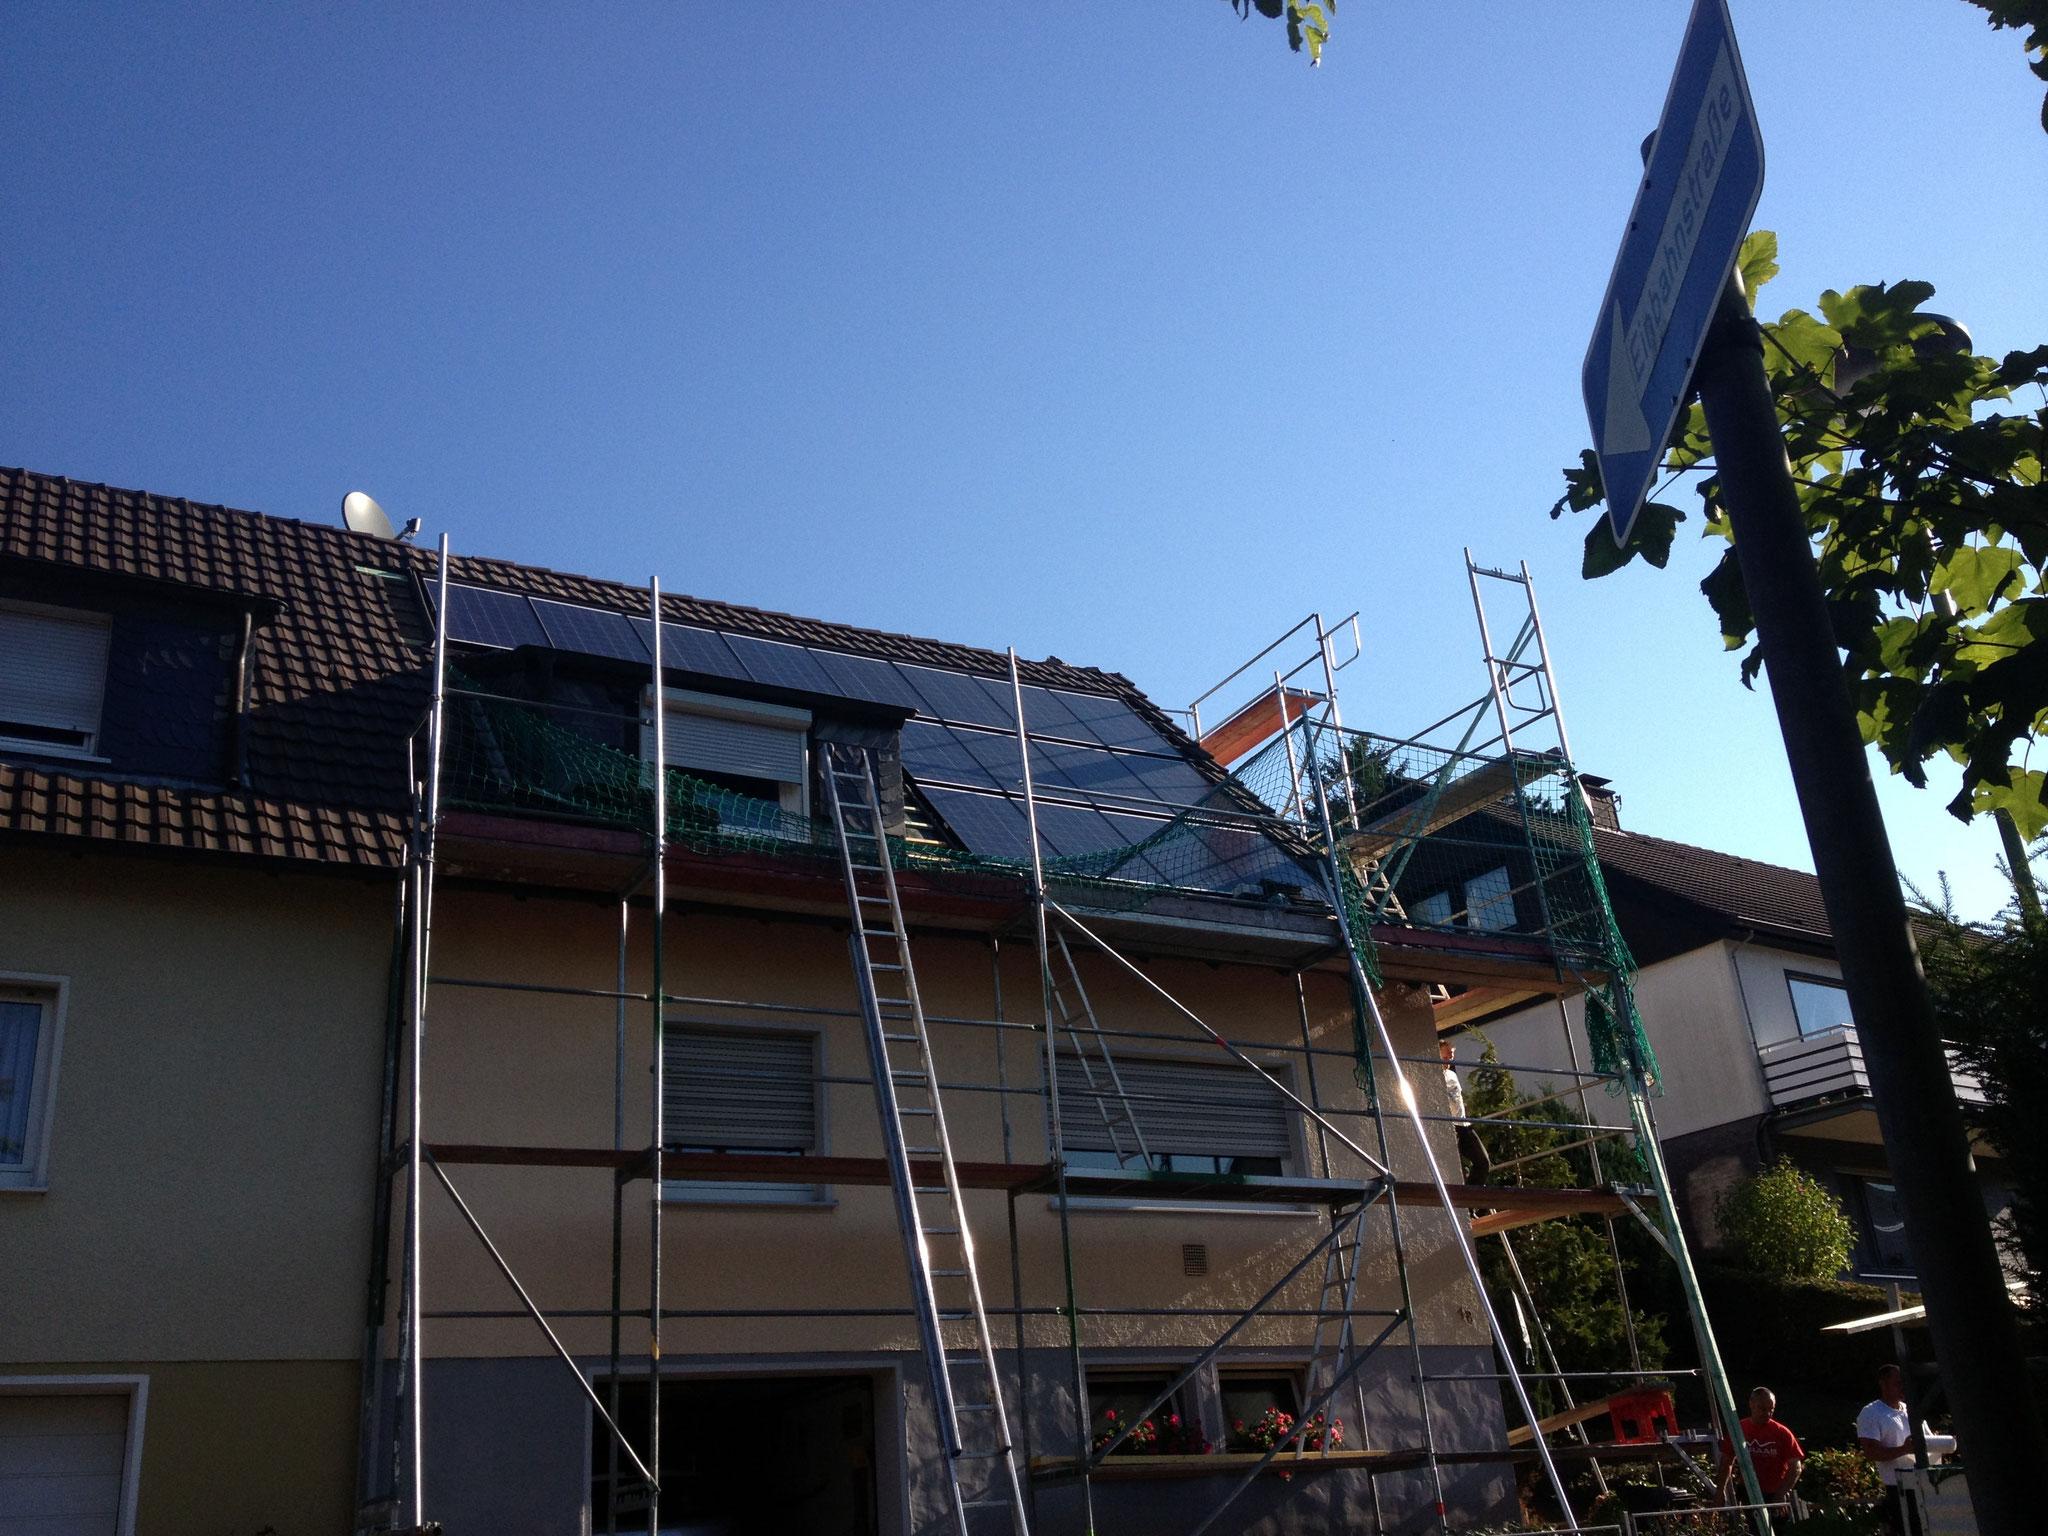 Egal ob Photovoltaik oder Solarthermie (Solaranlagen), nutzen Sie die Kraft der Sonne!